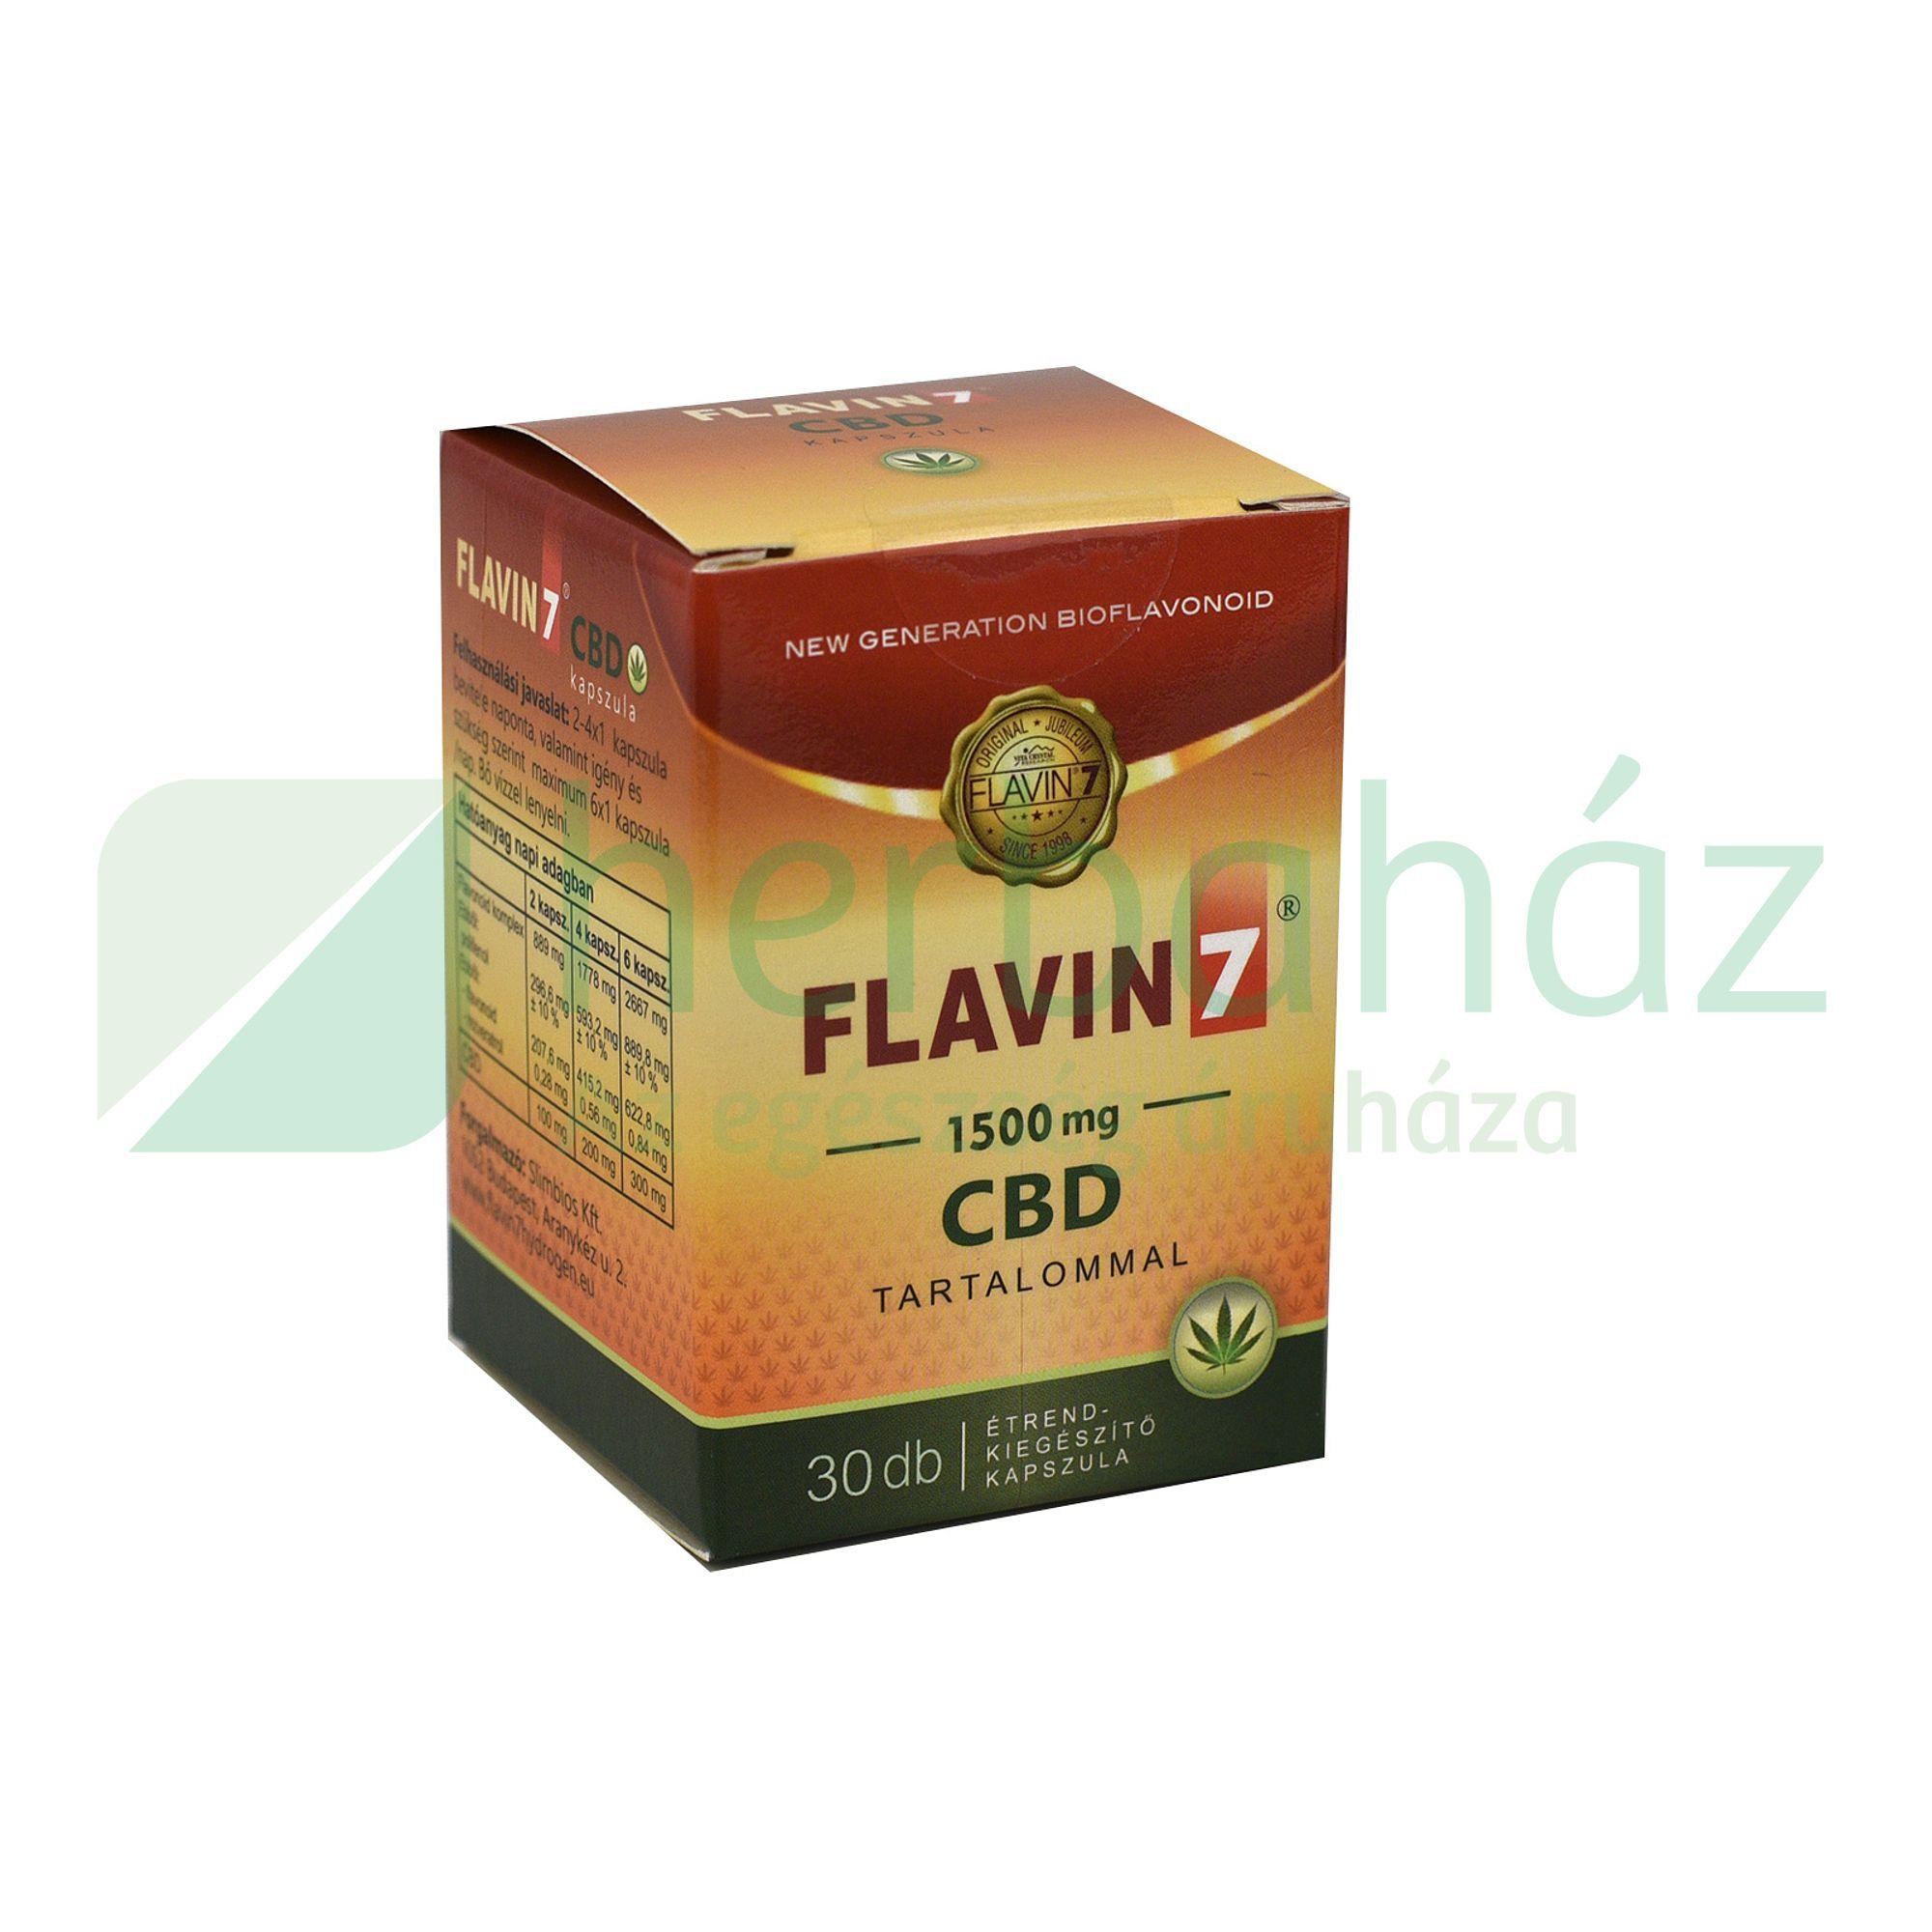 FLAVIN7 CBD KAPSZULA 30DB